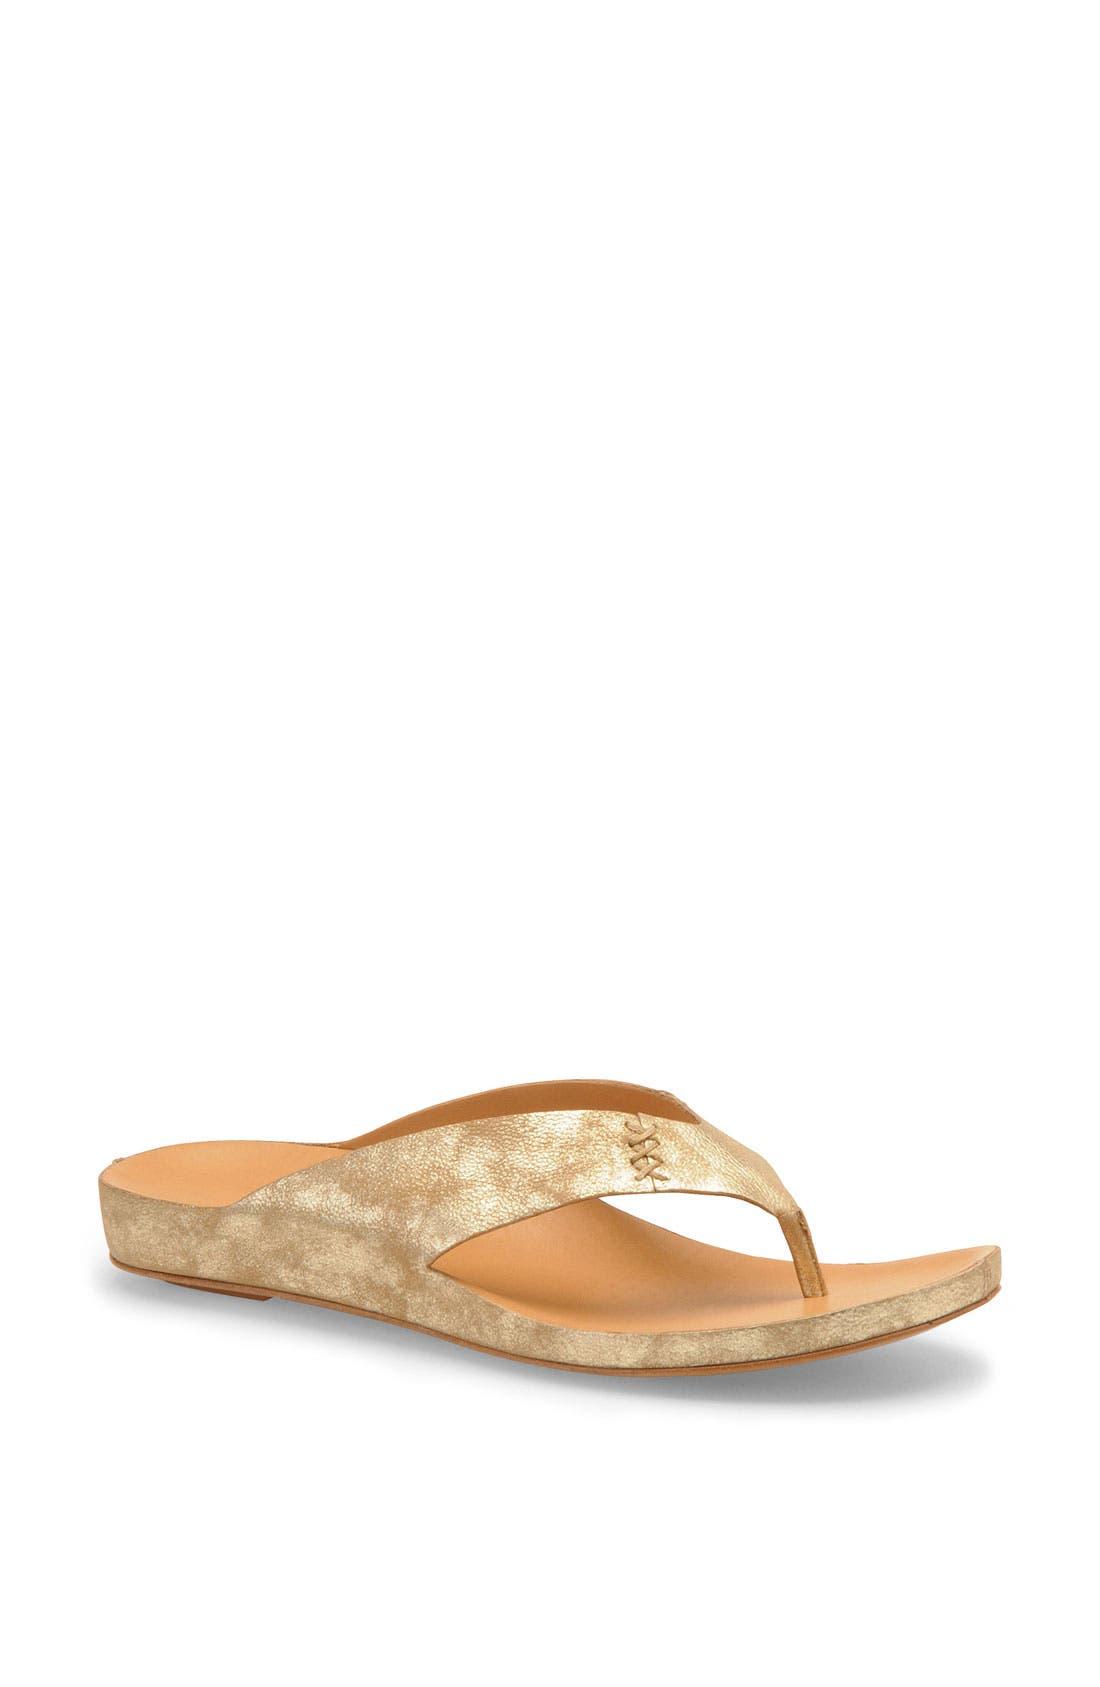 Main Image - Kork-Ease 'Rachel' Sandal